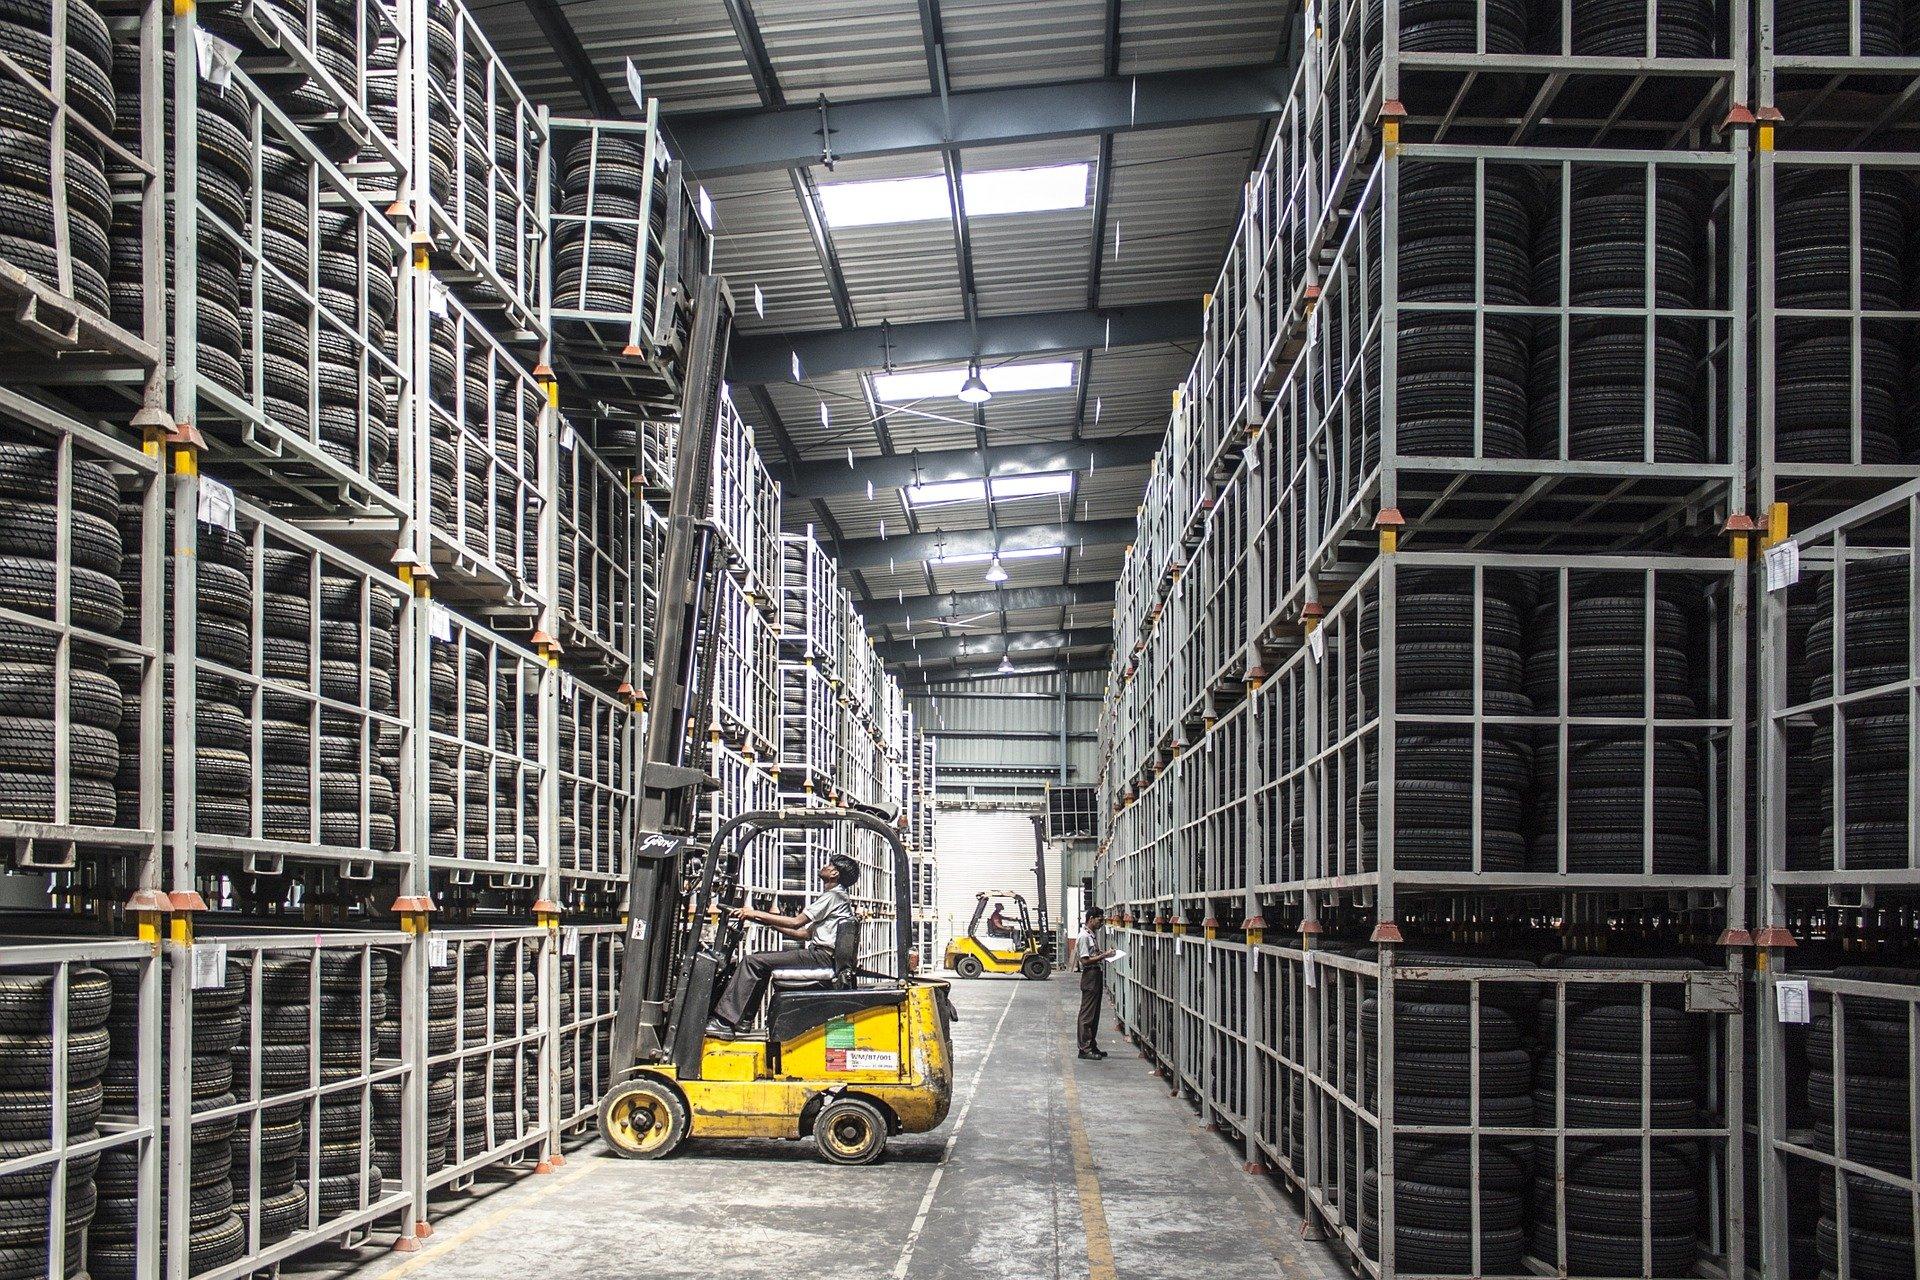 Immobilier logistique: faut-il placer tous ses colis dans le même entrepôt?